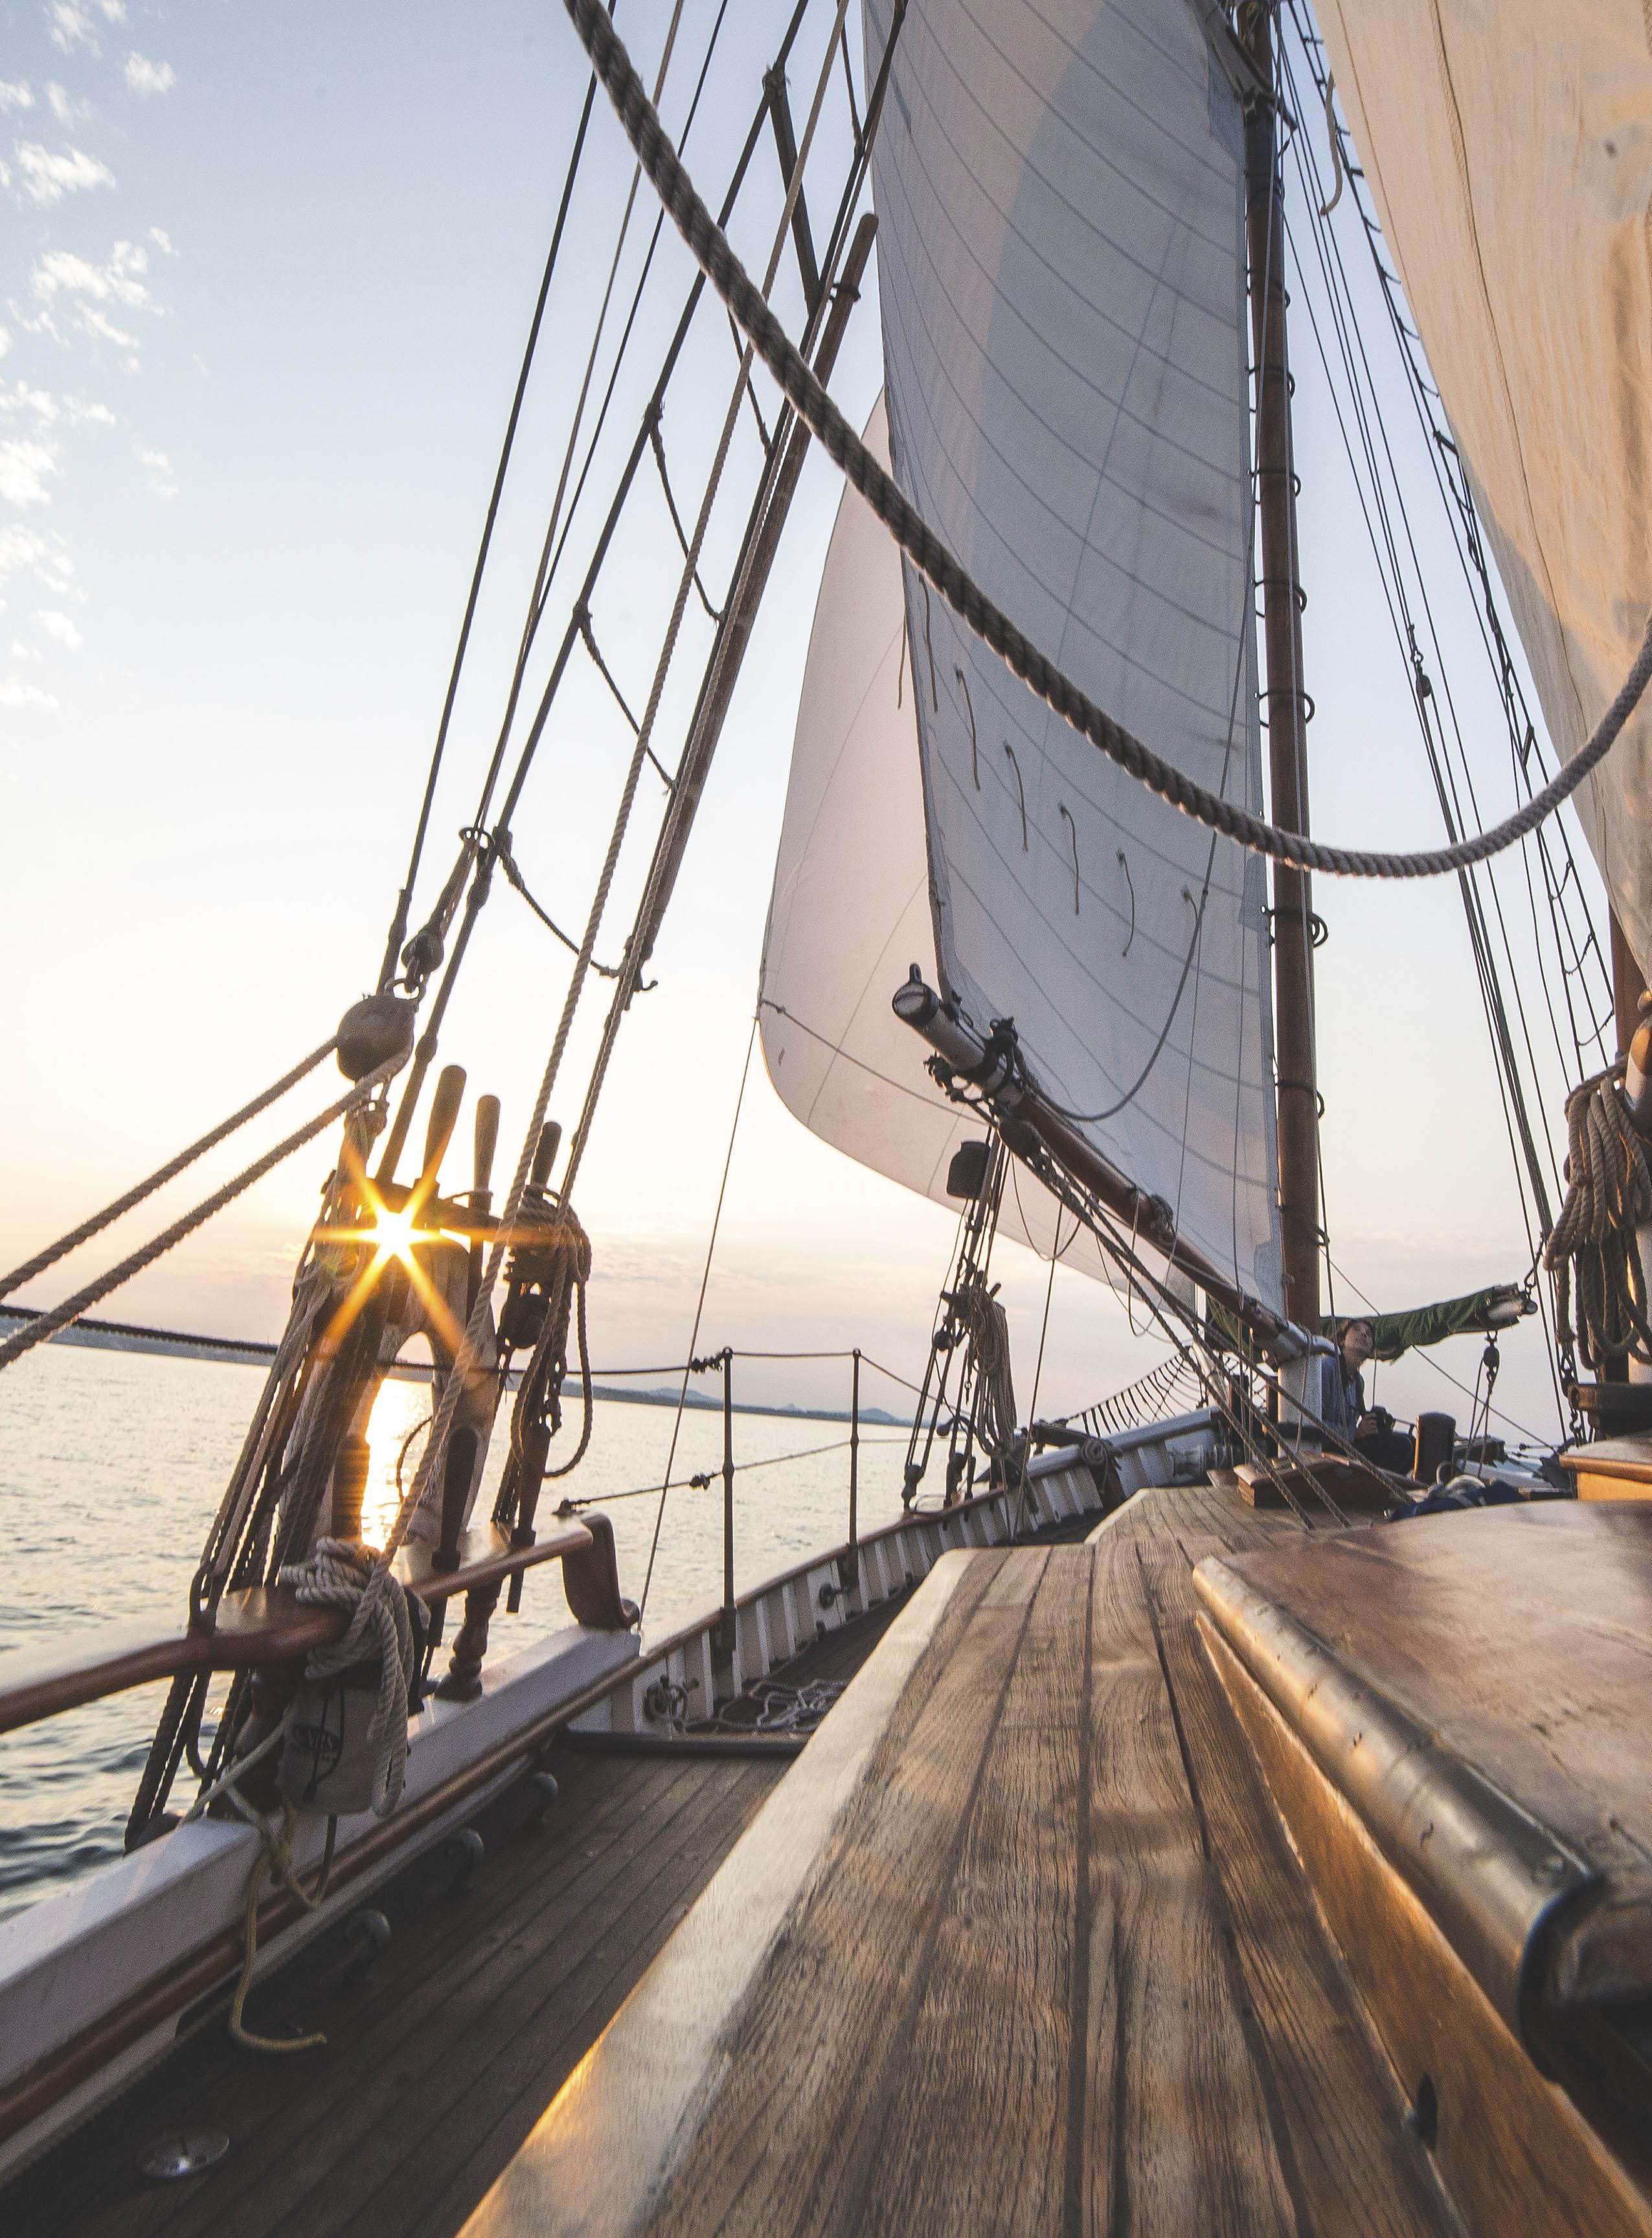 estrategia-sailing